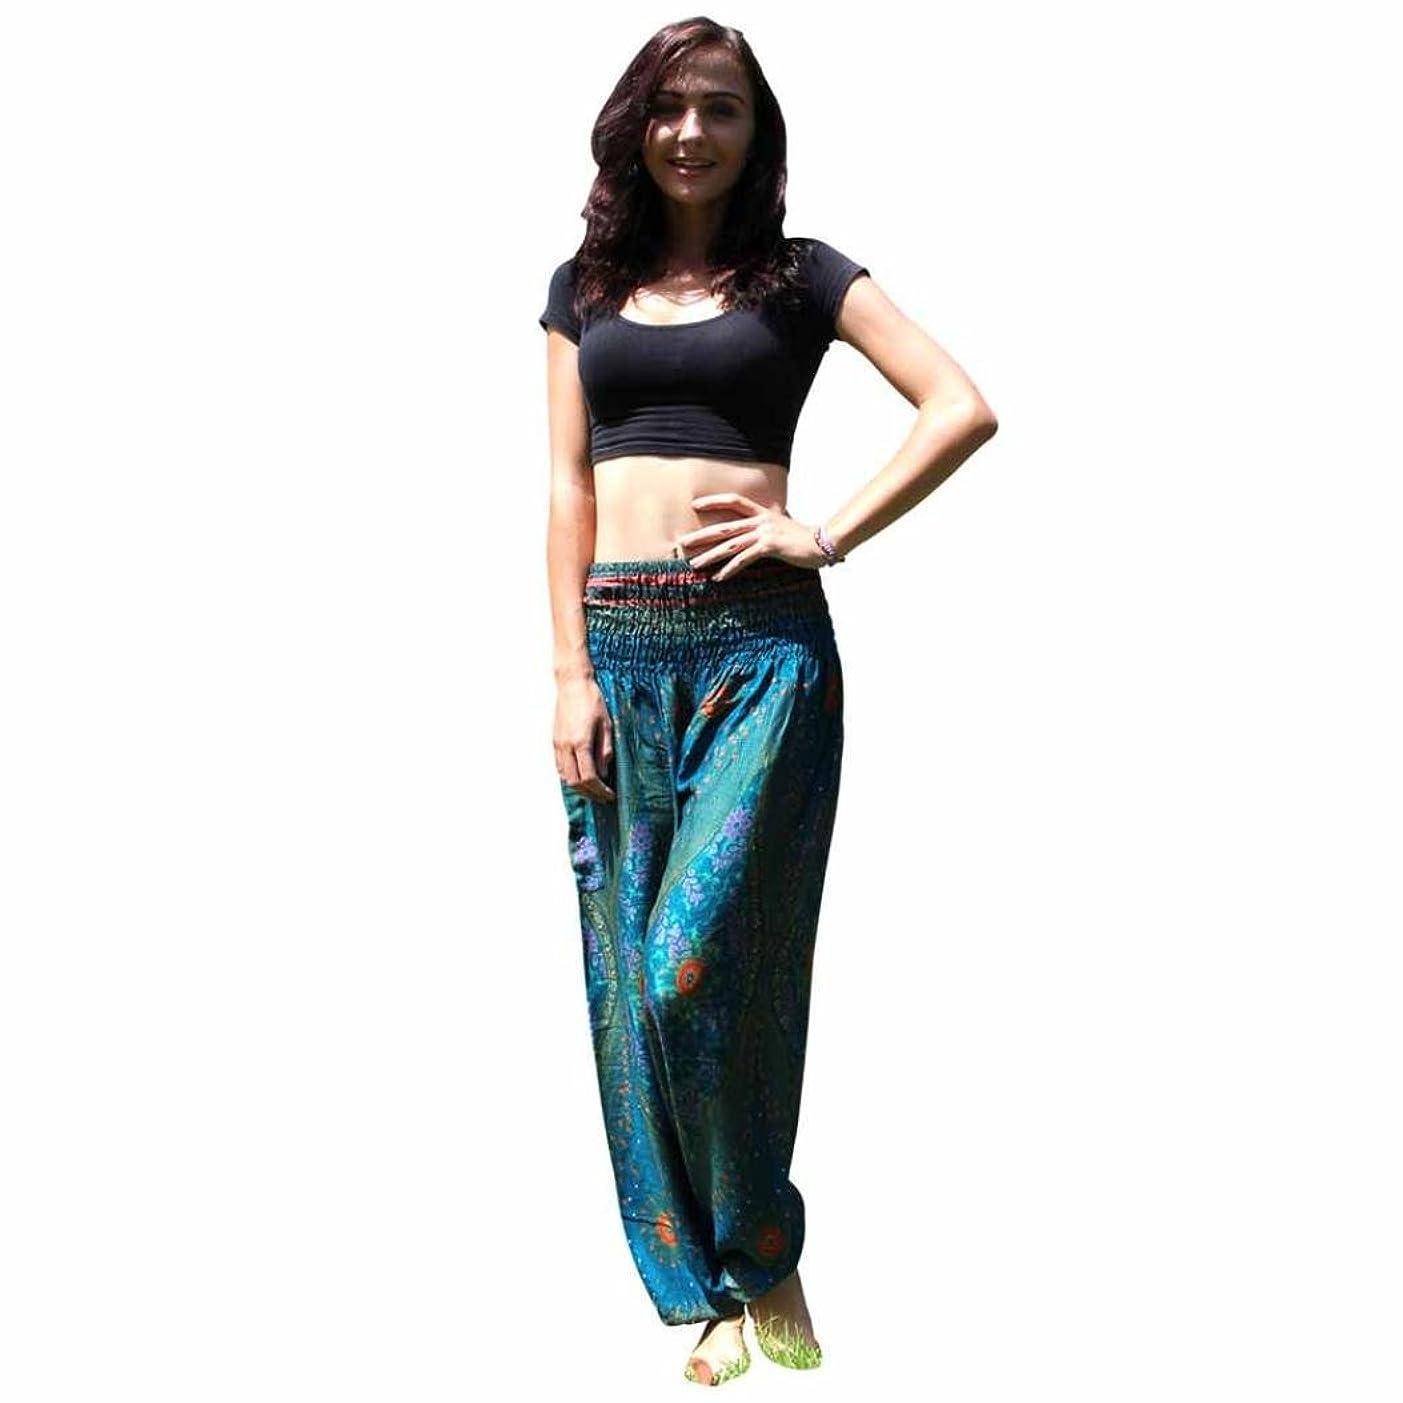 予見するお茶スキーMhomzawa パンツ男性女性タイのハレムのズボンフェスティバルヒッピーのスモックハイウエストのパンツのタイハーレムヨガ?パンツ